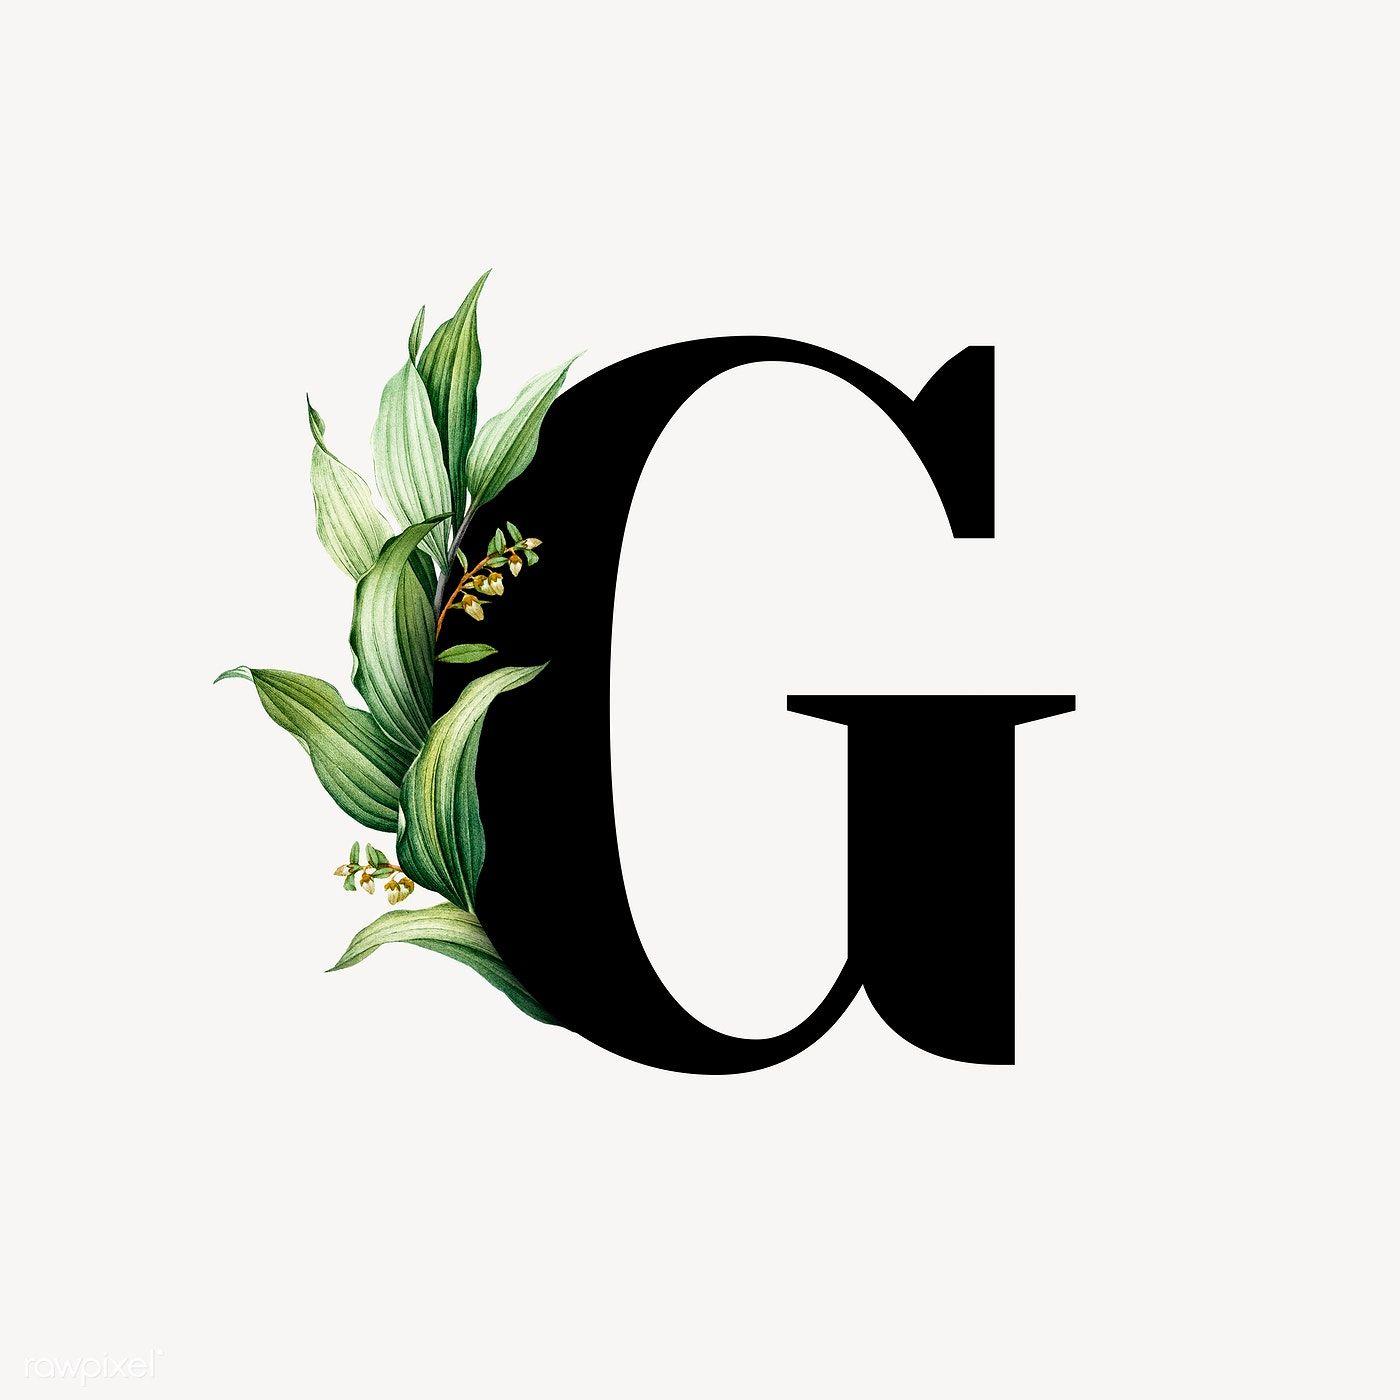 21++ Letter g logo wallpaper trends